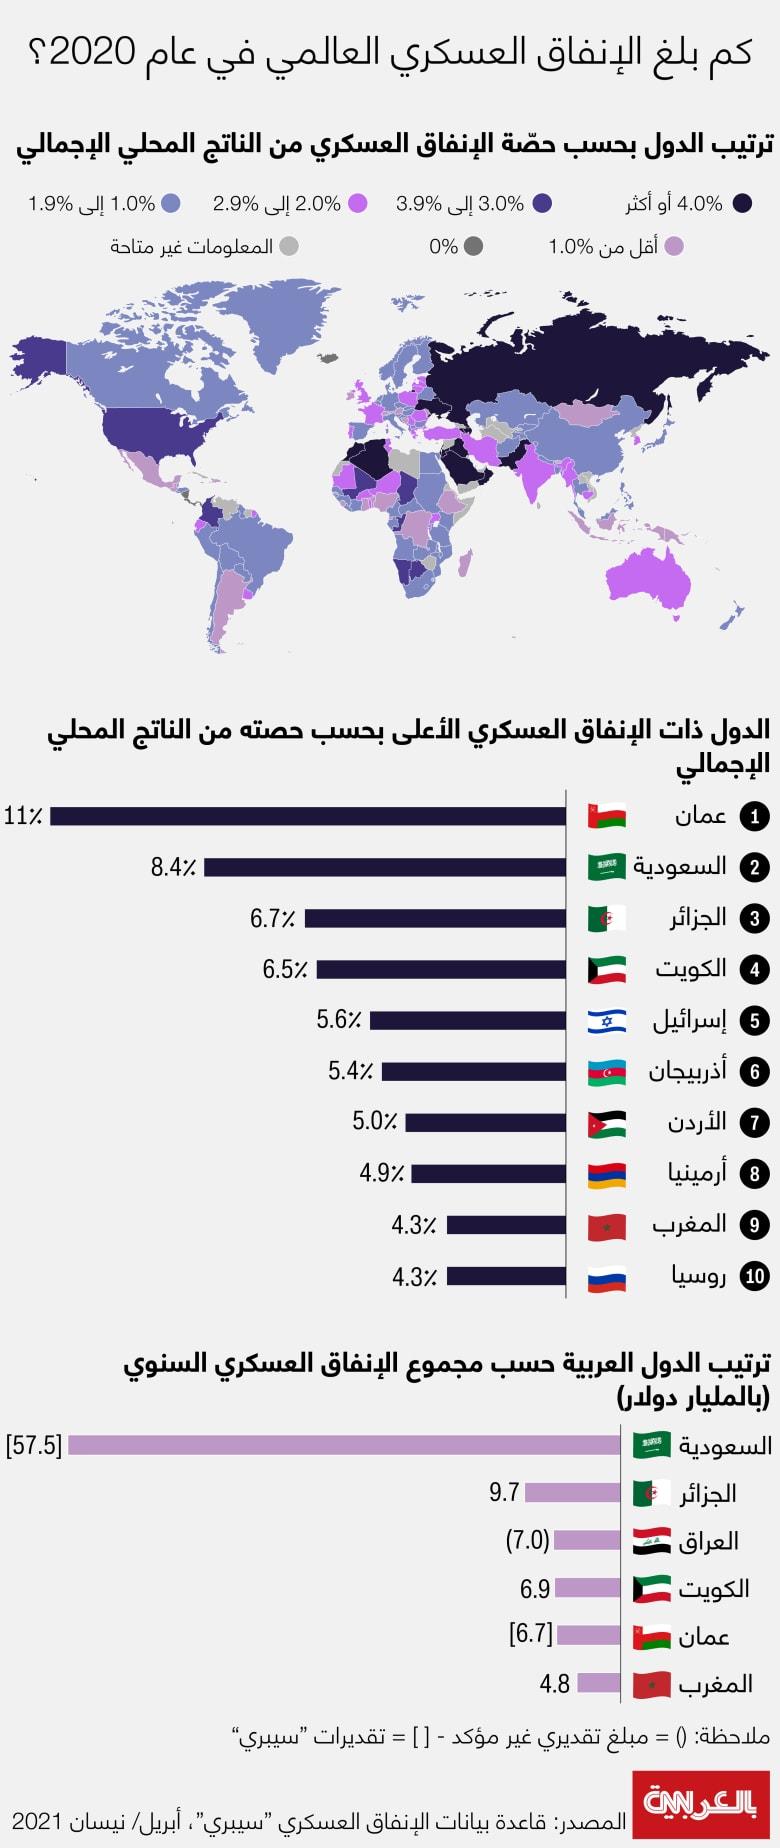 Sipri-military-spending-2020